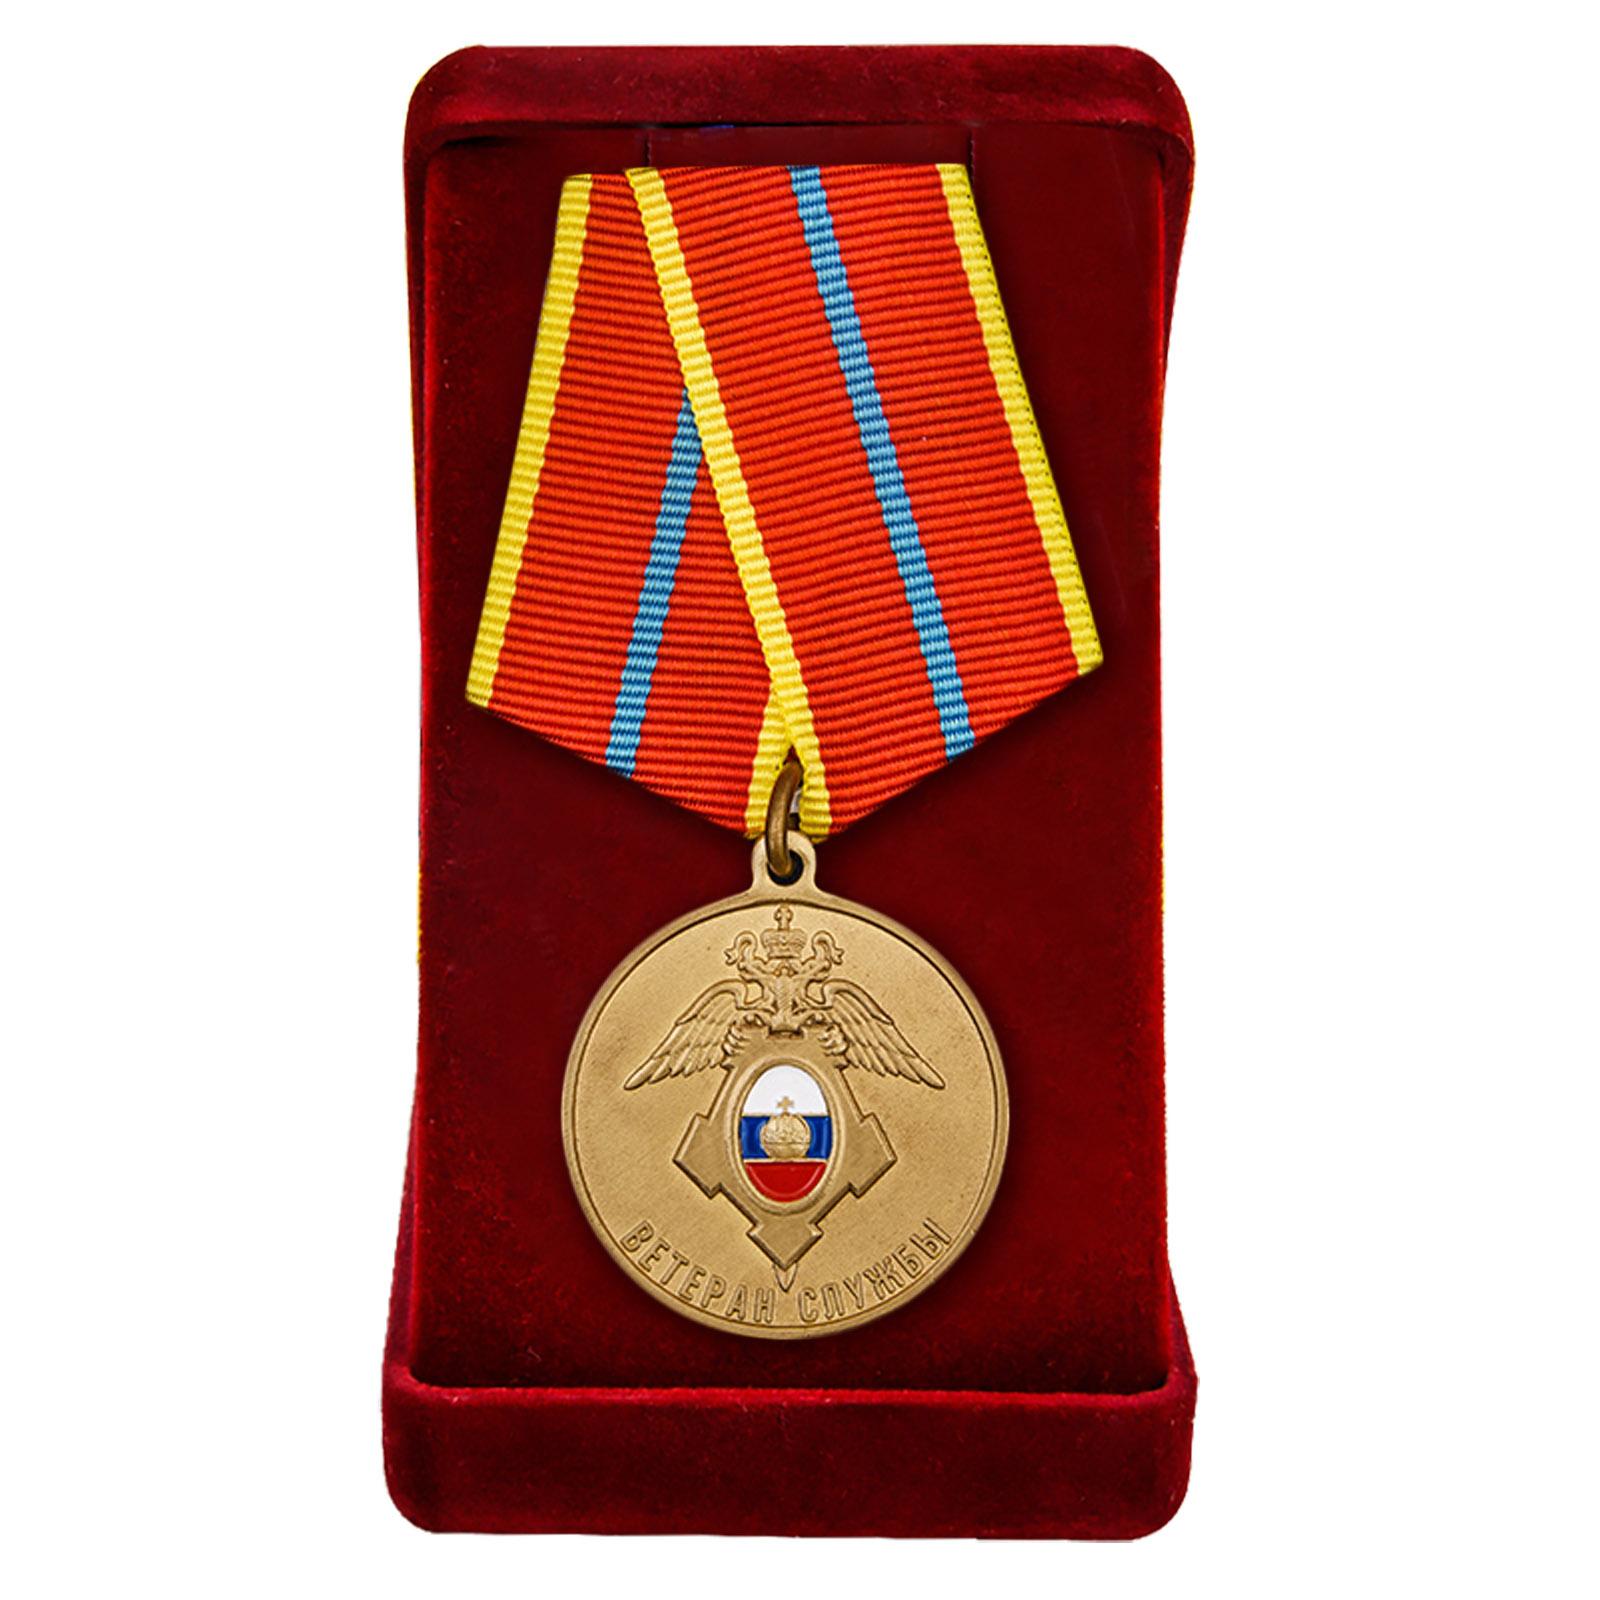 """Купить медаль ГУСП """"Ветеран службы"""" по экономичной цене"""